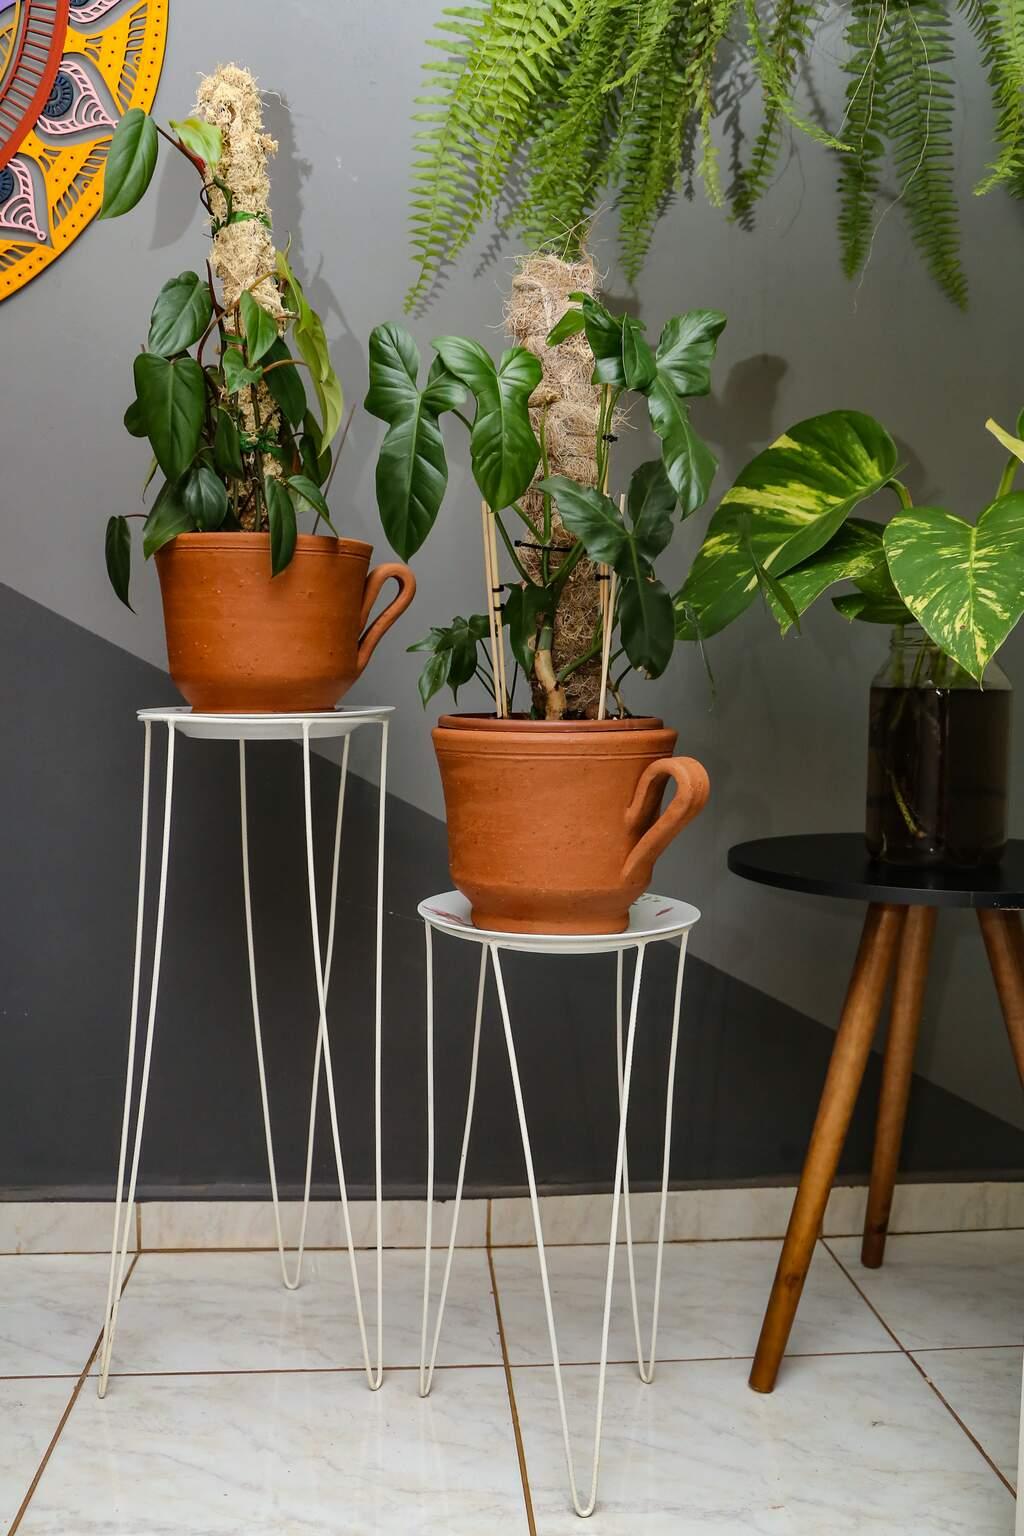 Com muitas plantas pela casa, maioria é da família araceae. (Foto: Kísie Ainoã)